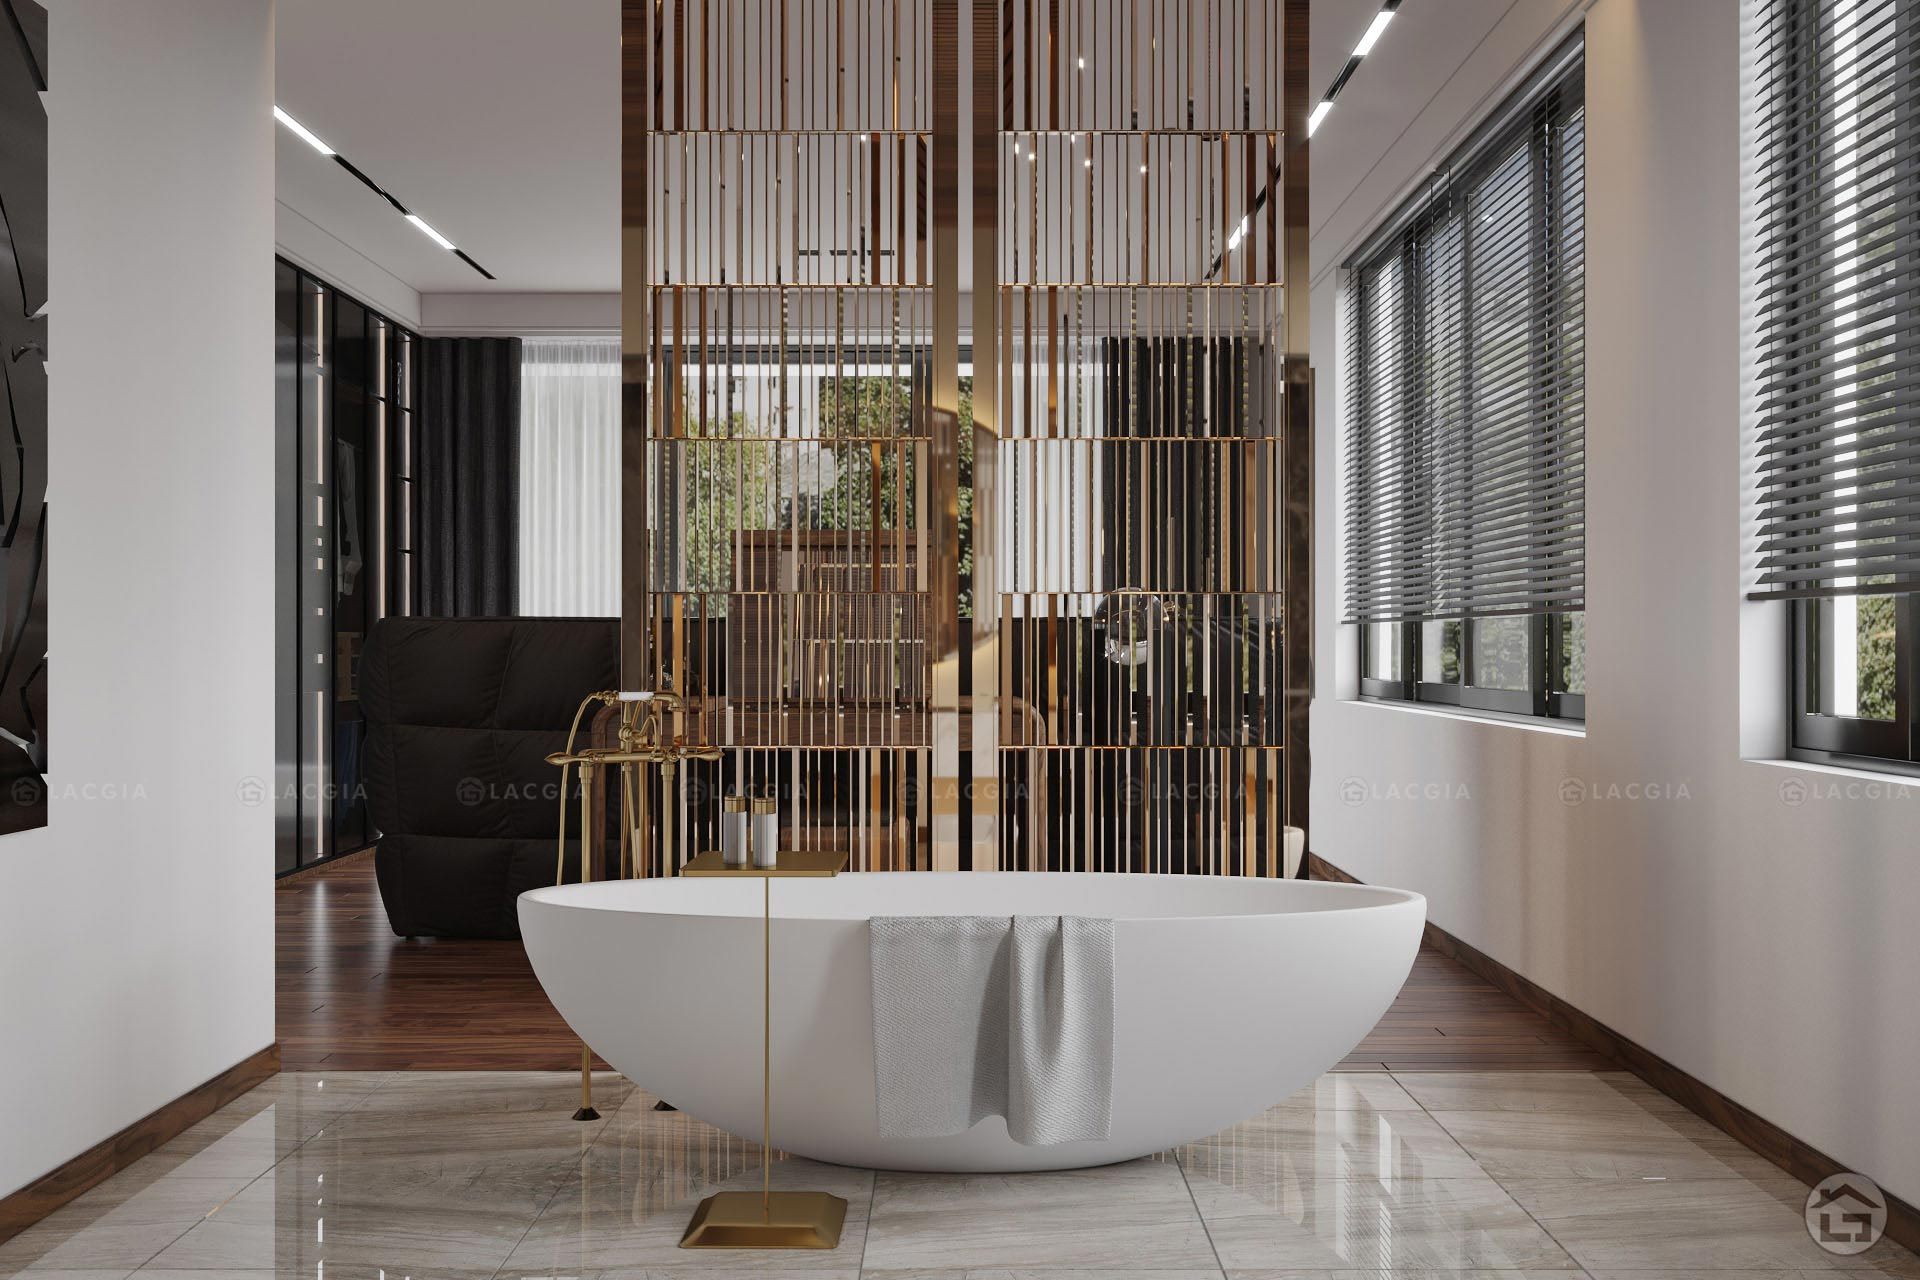 Nội thất phòng tắm biệt thự tiện nghi và hiện đại